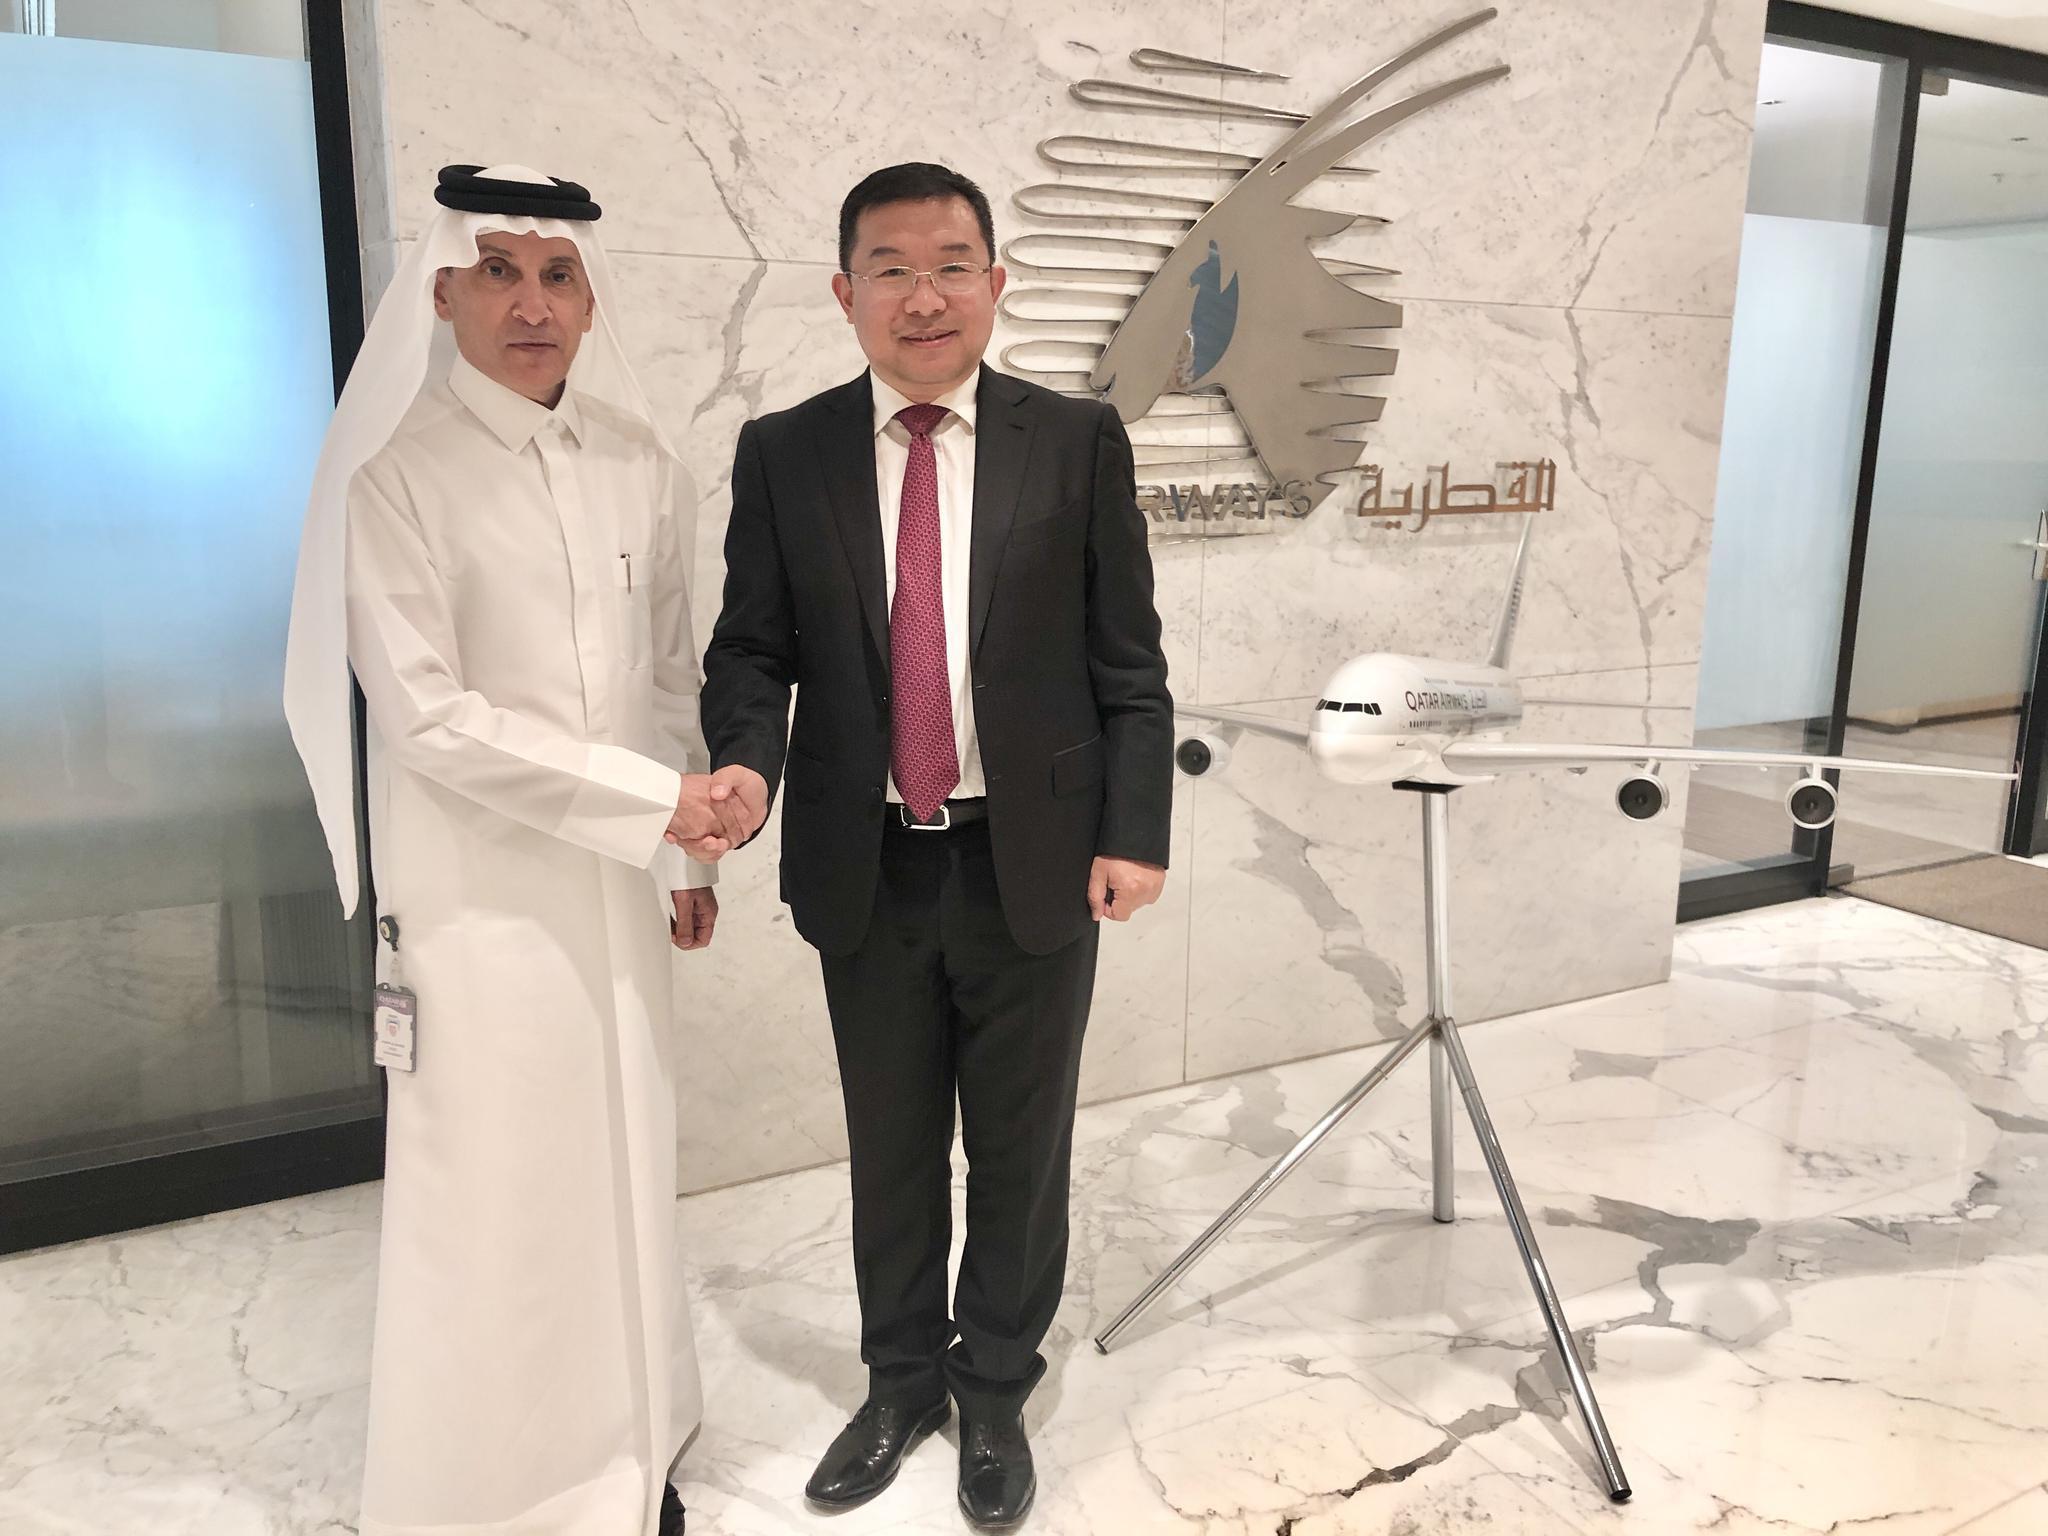 卡塔尔航空宣布使用全球航线网络驰援中国抗击疫情图片